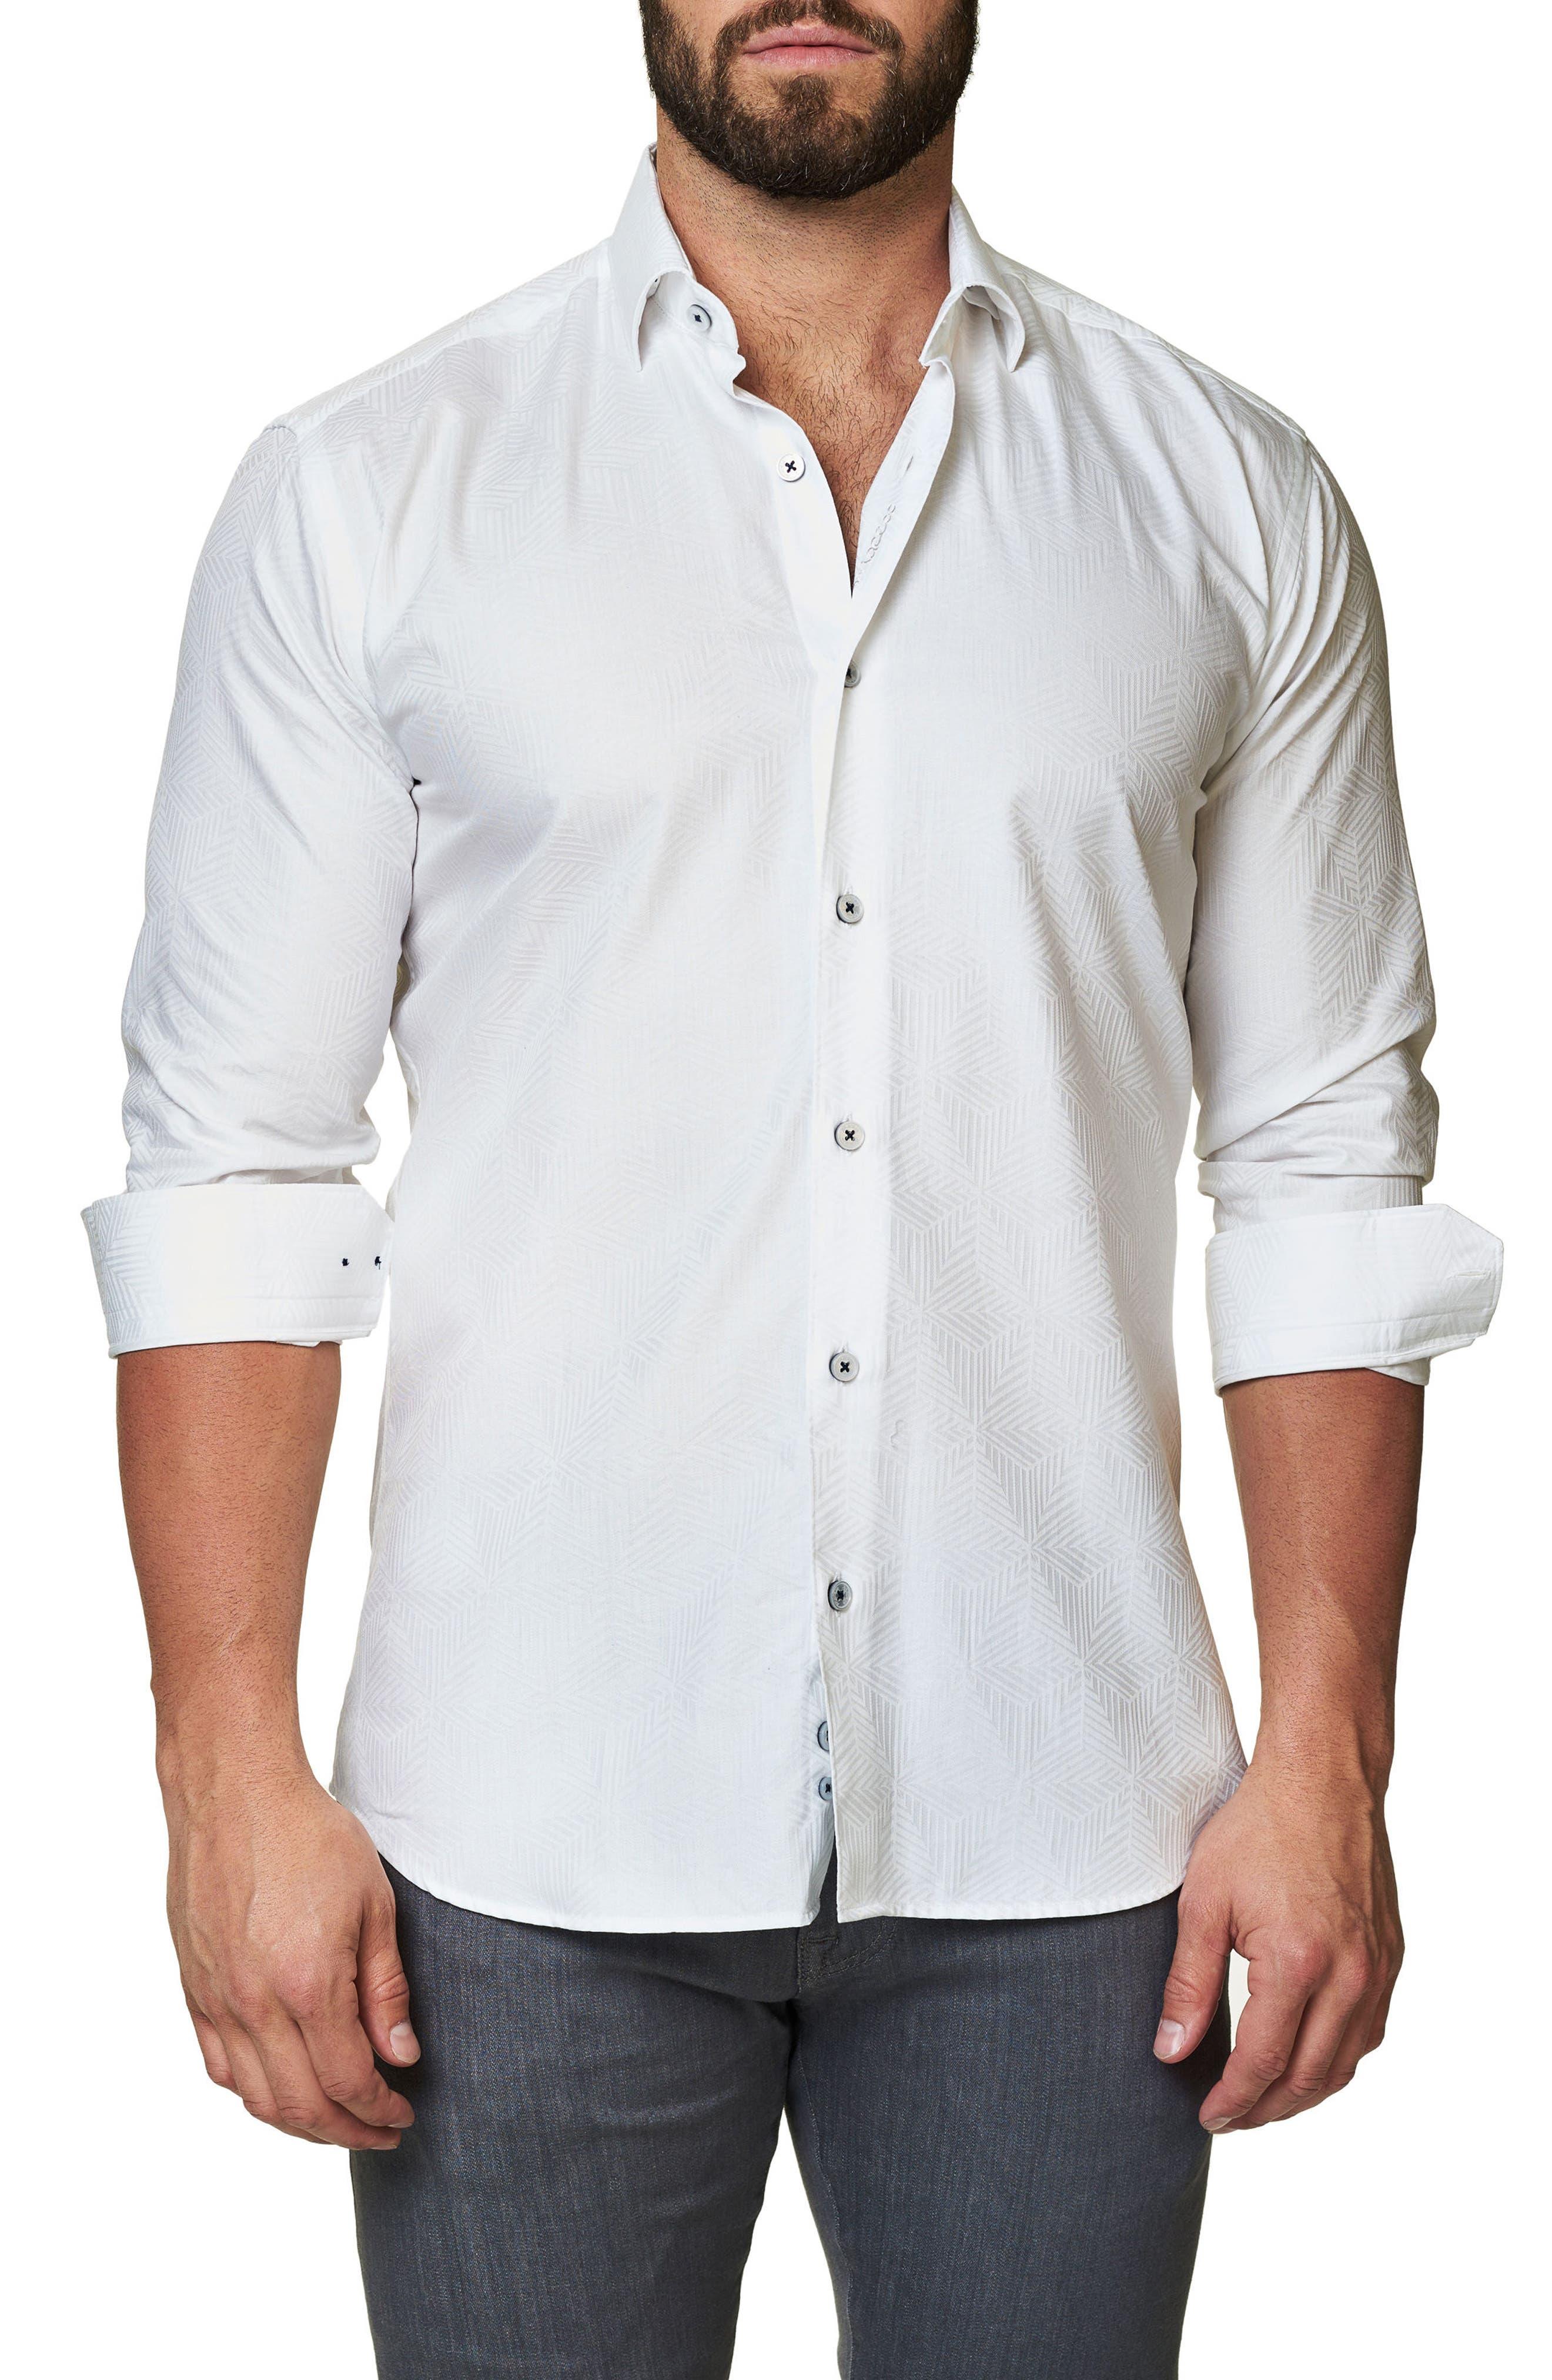 Maceoo Trim Fit Geo Jacquard Sport Shirt